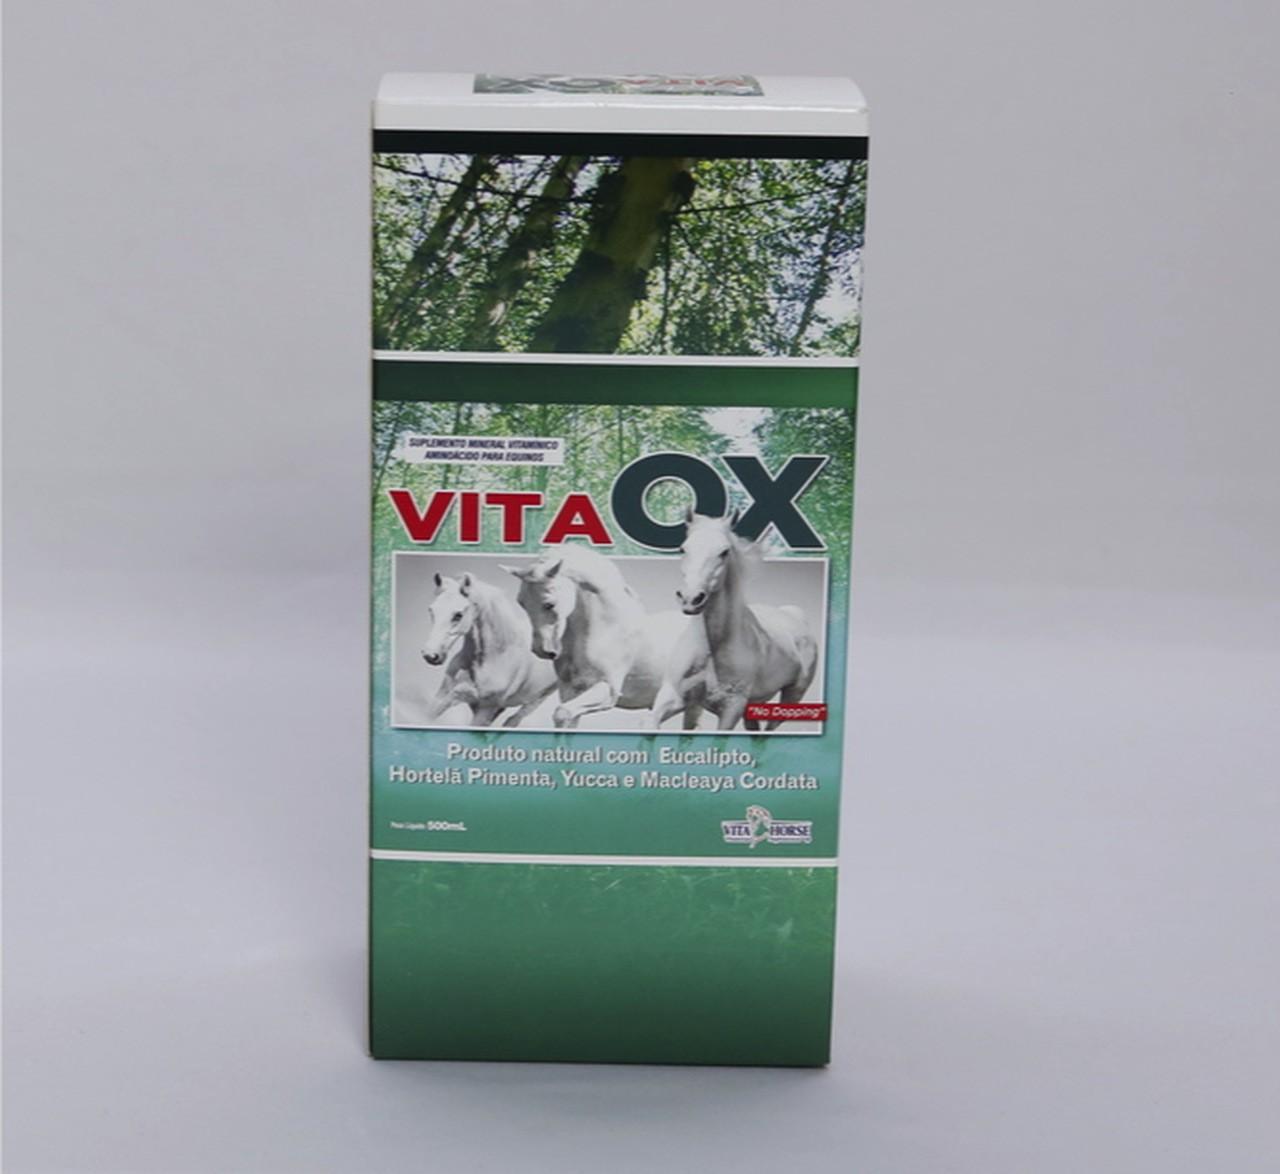 VITA OX